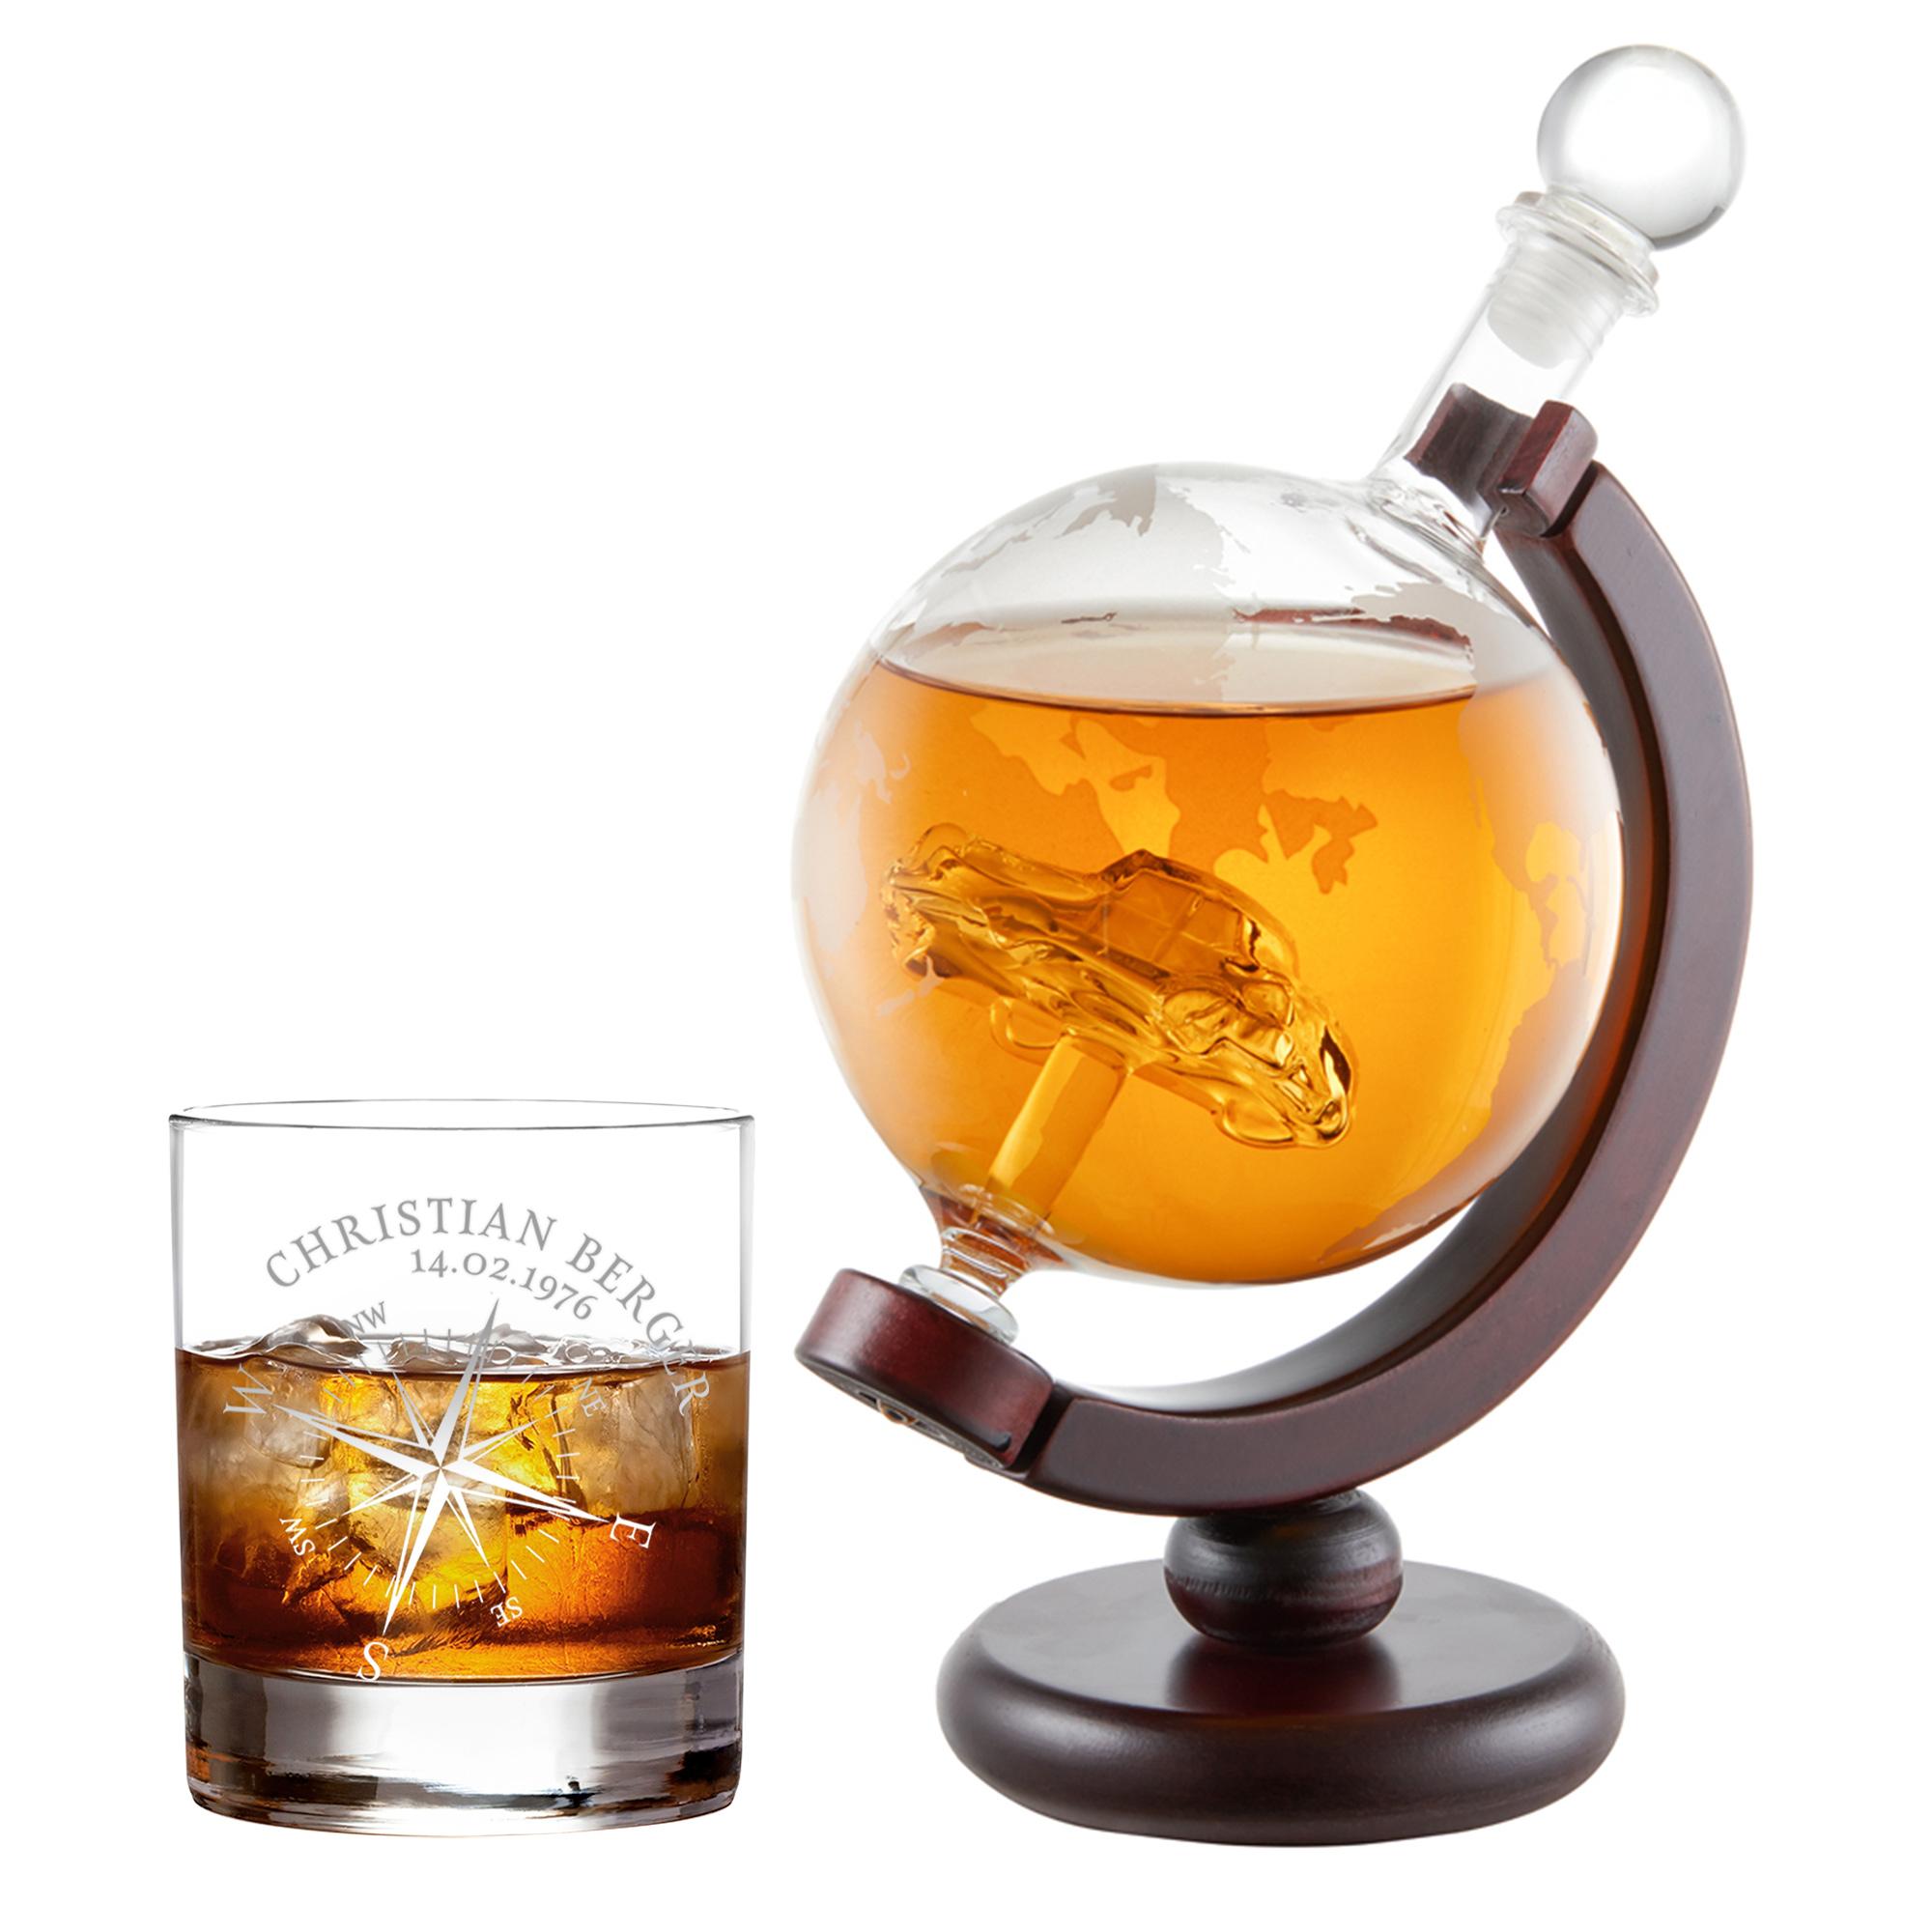 Whiskyset Globus Karaffe und gravierter Tumbler